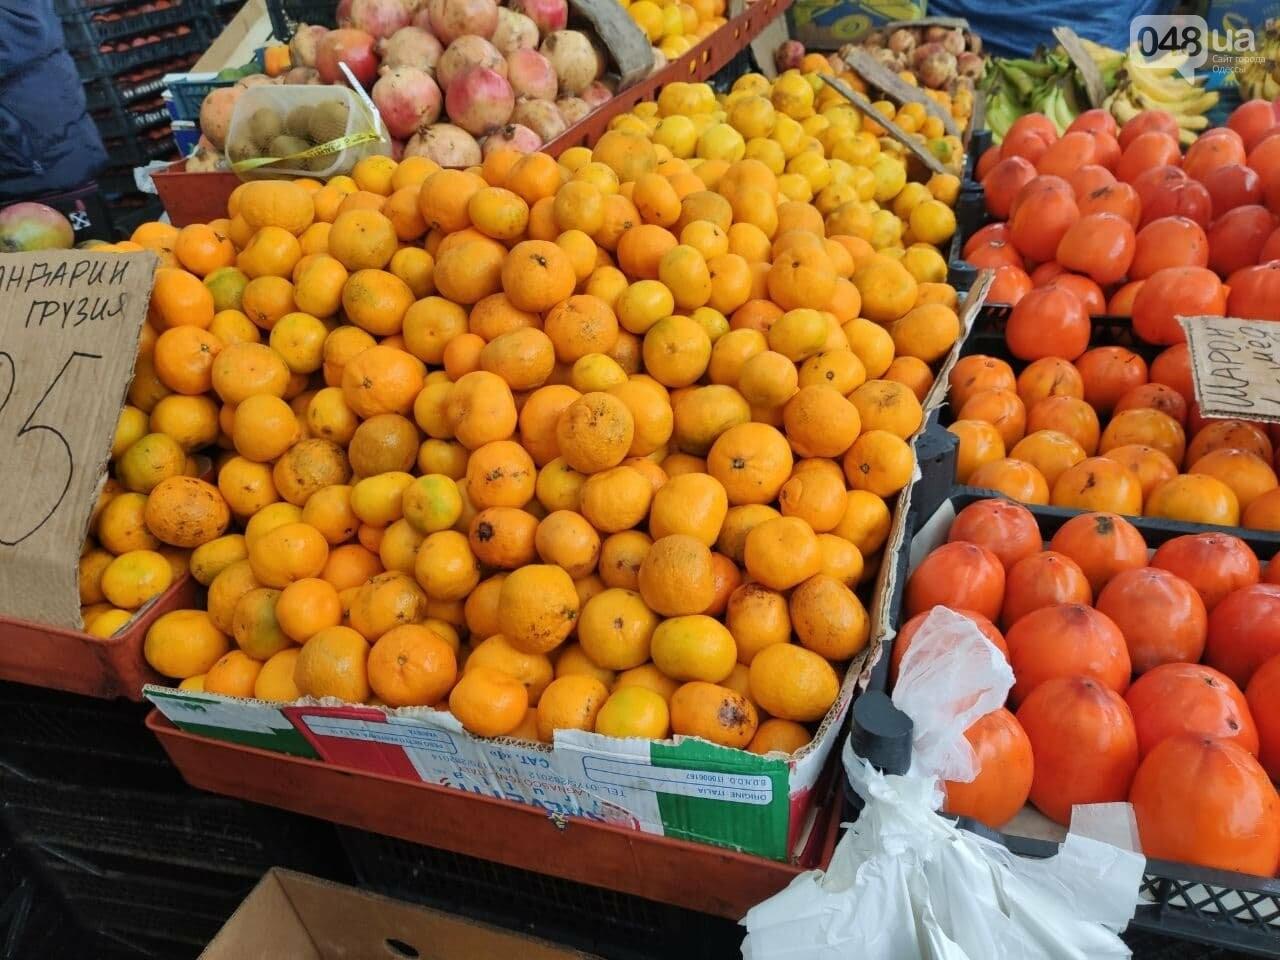 Помело, имбирь, шампиньоны: почем на одесском Привозе овощи и фрукты, - ФОТО, фото-4